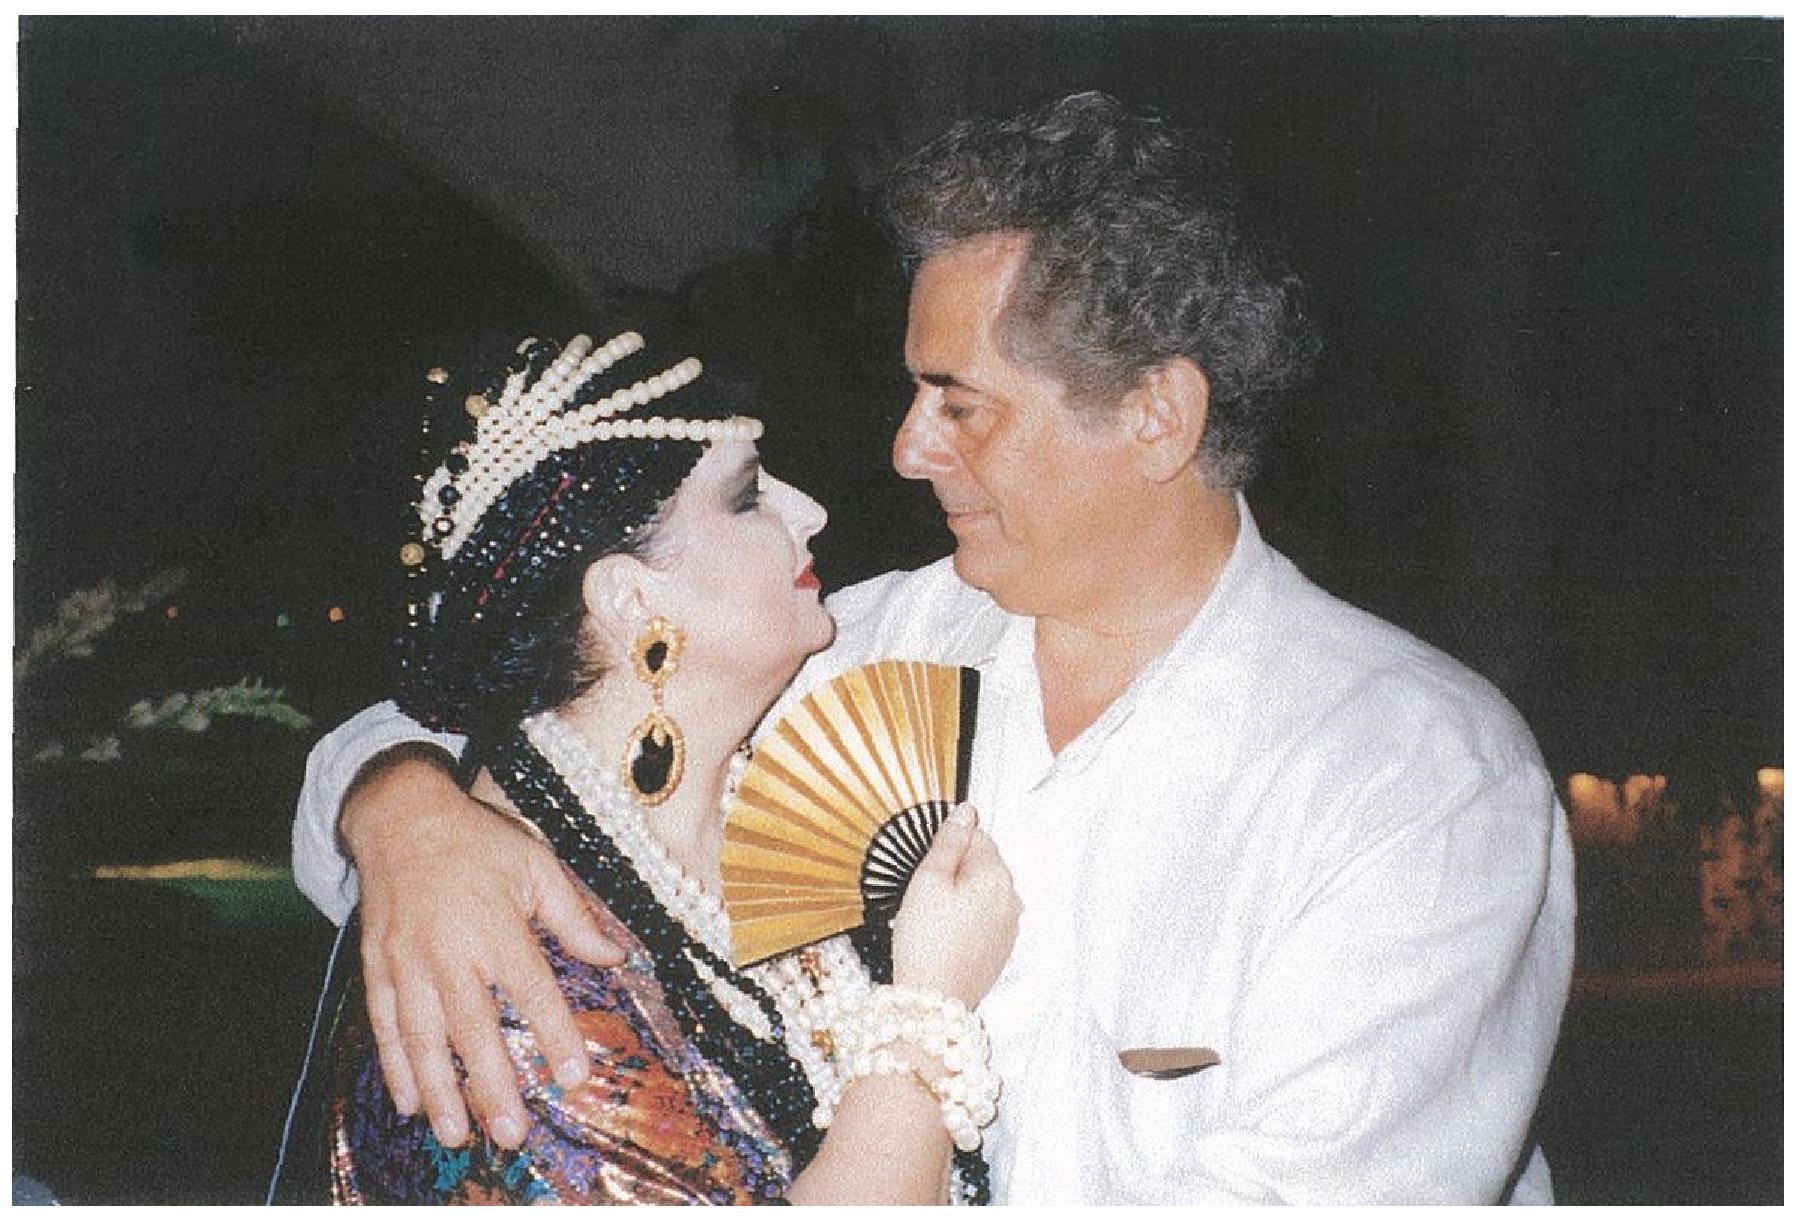 Celebrând schimbarea de regim din România în paradisul de la Acapulco, în Golful Mexicului, în fosta reşedinţă de vis a actriţei Merle Oberon, Radu Varia şi Mariana Nicolesco petrec Anul Nou 1990 cu Joan Collins, binecunoscută din filmul Dinasty, Lucky Roosevelt, nora fostului Preşedinte, ea însăşi Şefa Protocolului Statelor Unite, şi cu alţi prieteni